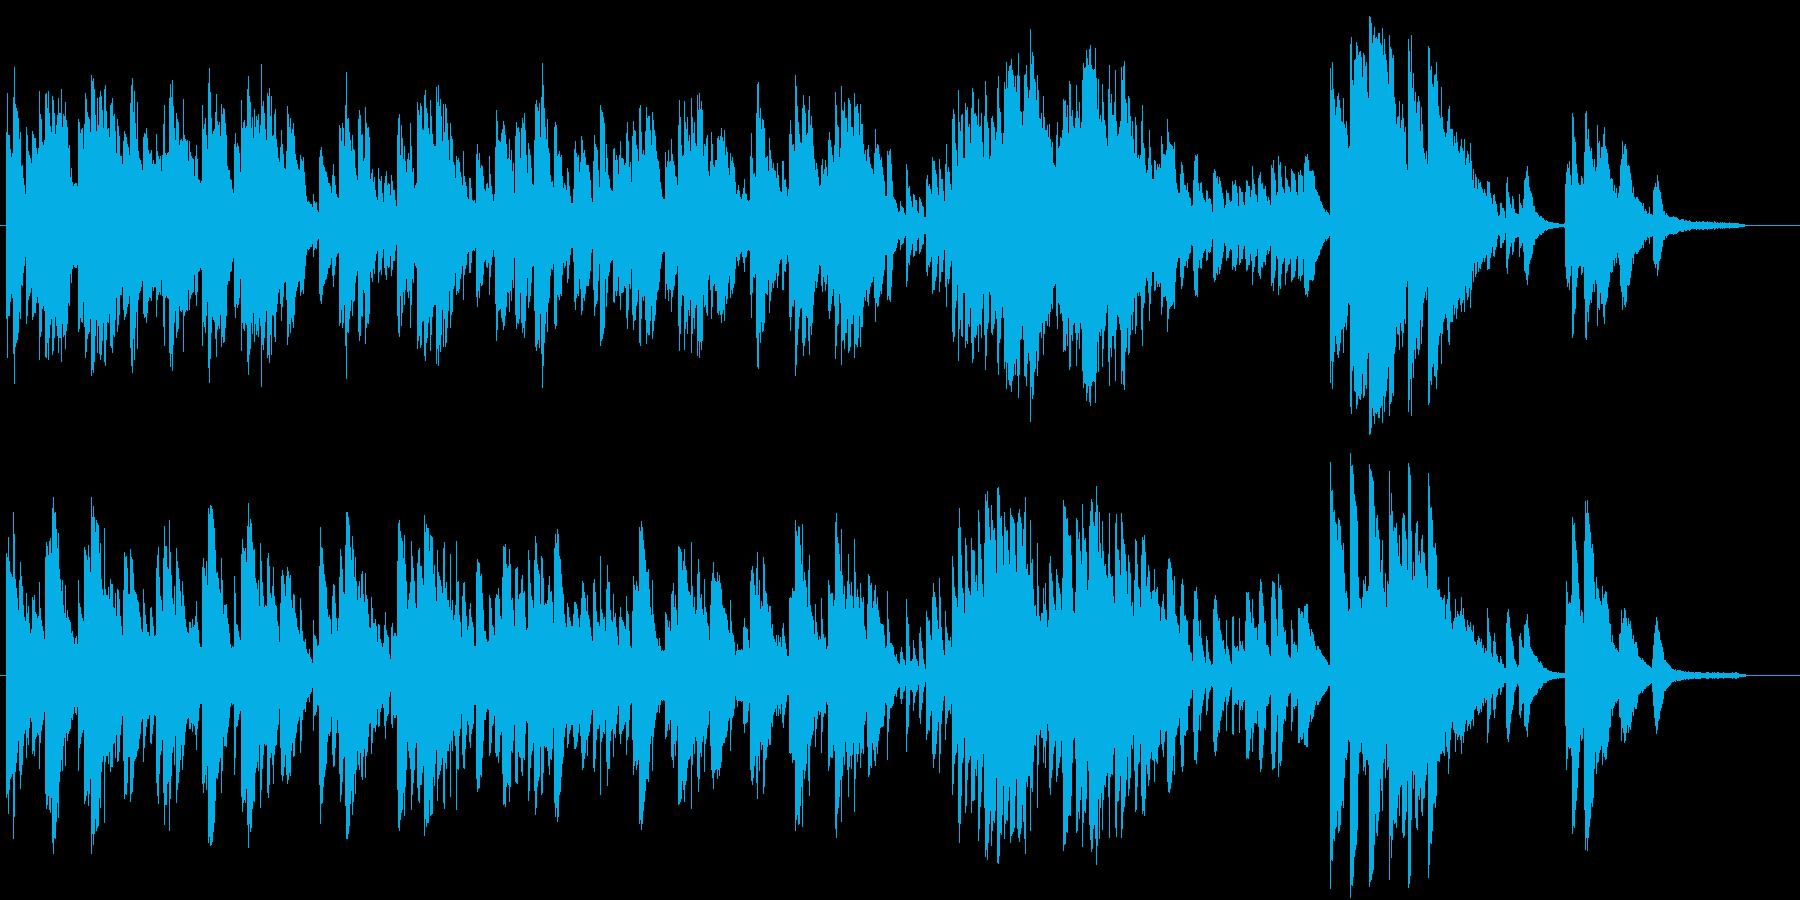 レトロモダンなピアノソロBGMの再生済みの波形